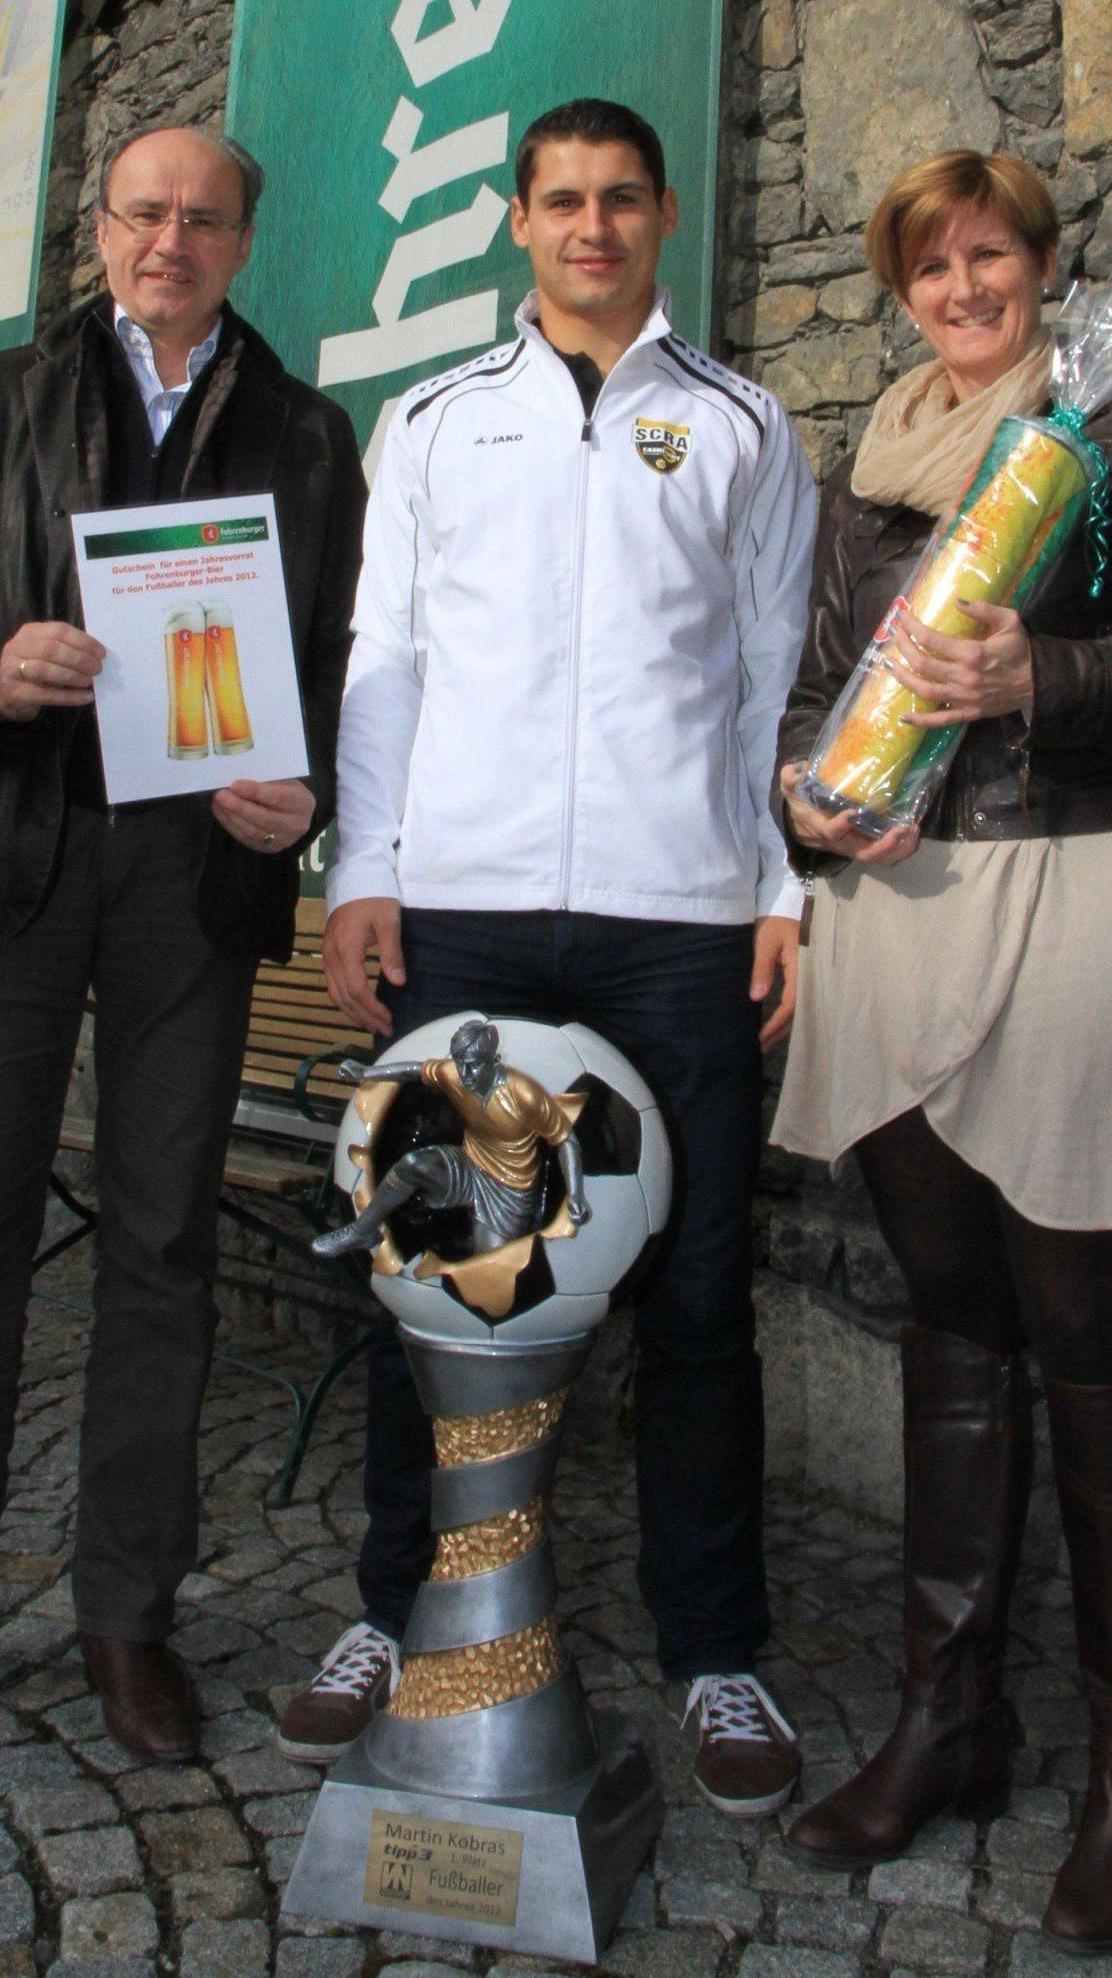 GF Hans Steiner, Sabine Treimel gratulierten Martin Kobras zum Triplesieg Fußballer des Jahres.